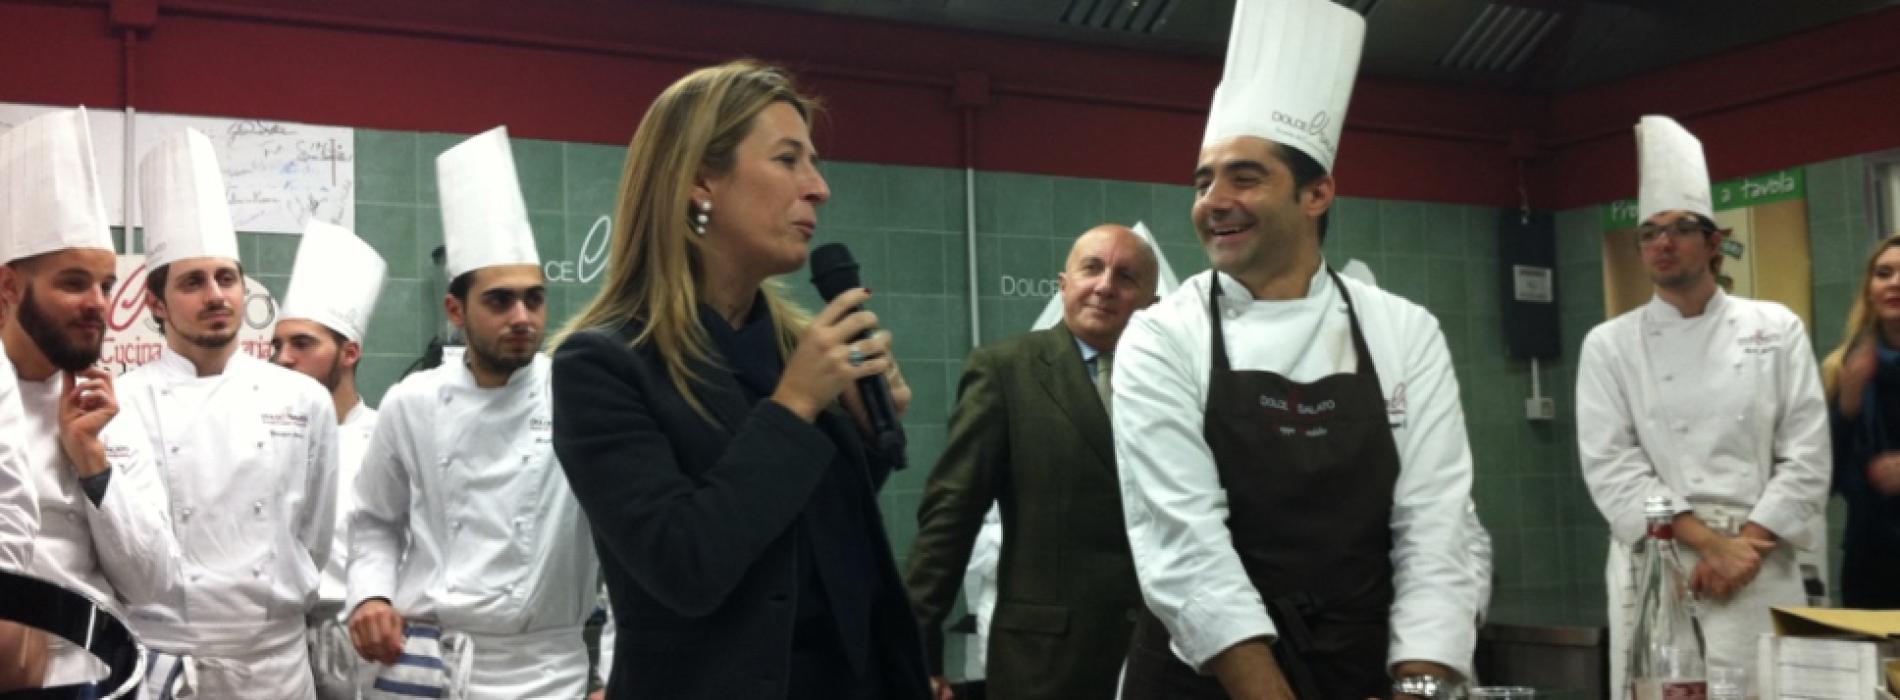 """Pronti in tavola, Dolce&Salato """"sforna"""" i nuovi chef"""